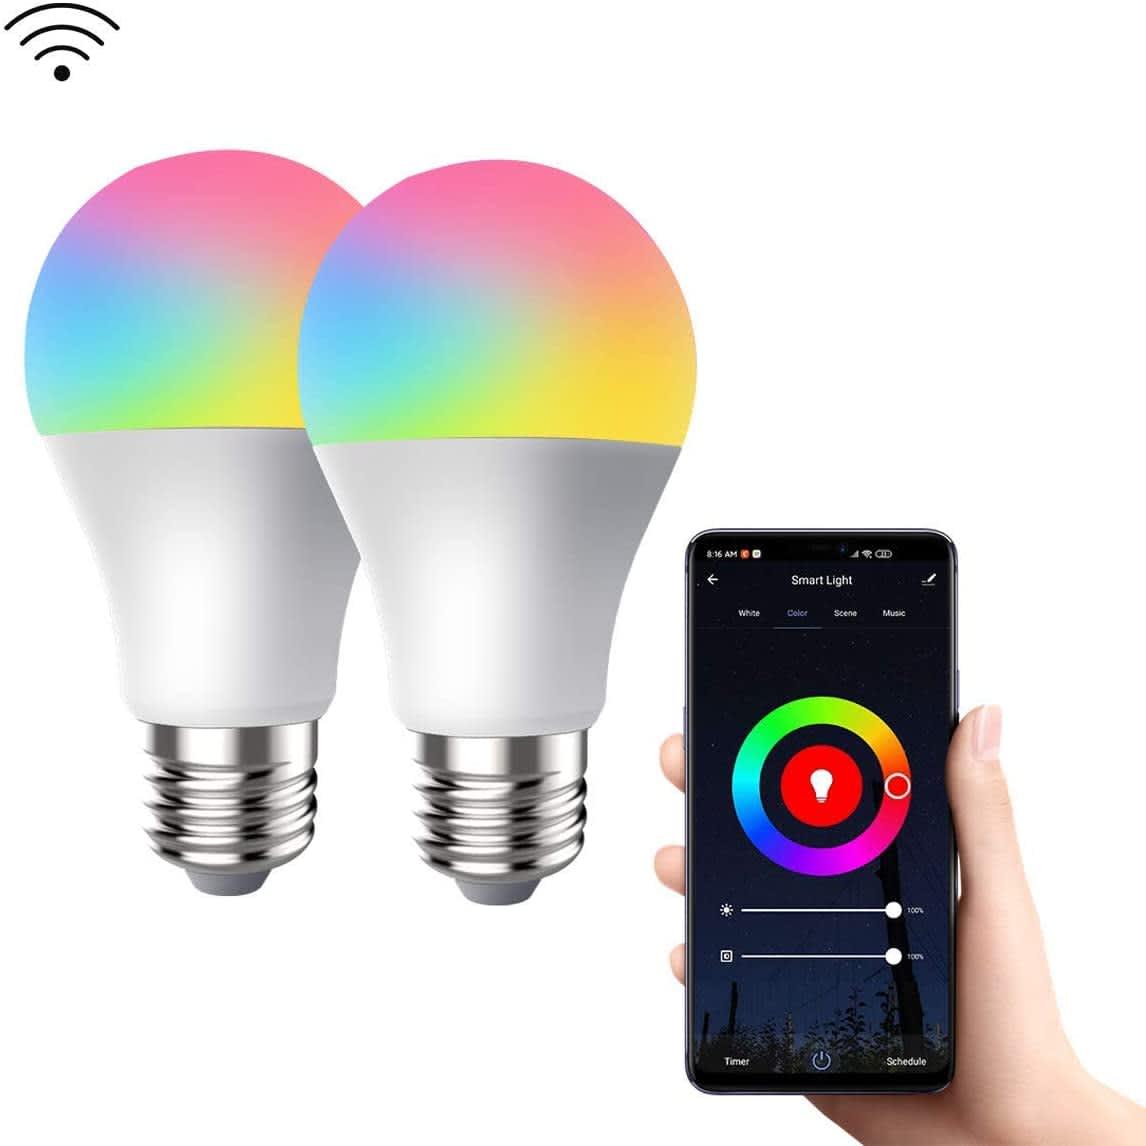 Crestin 9W Smart LED Bulb 2-Pack